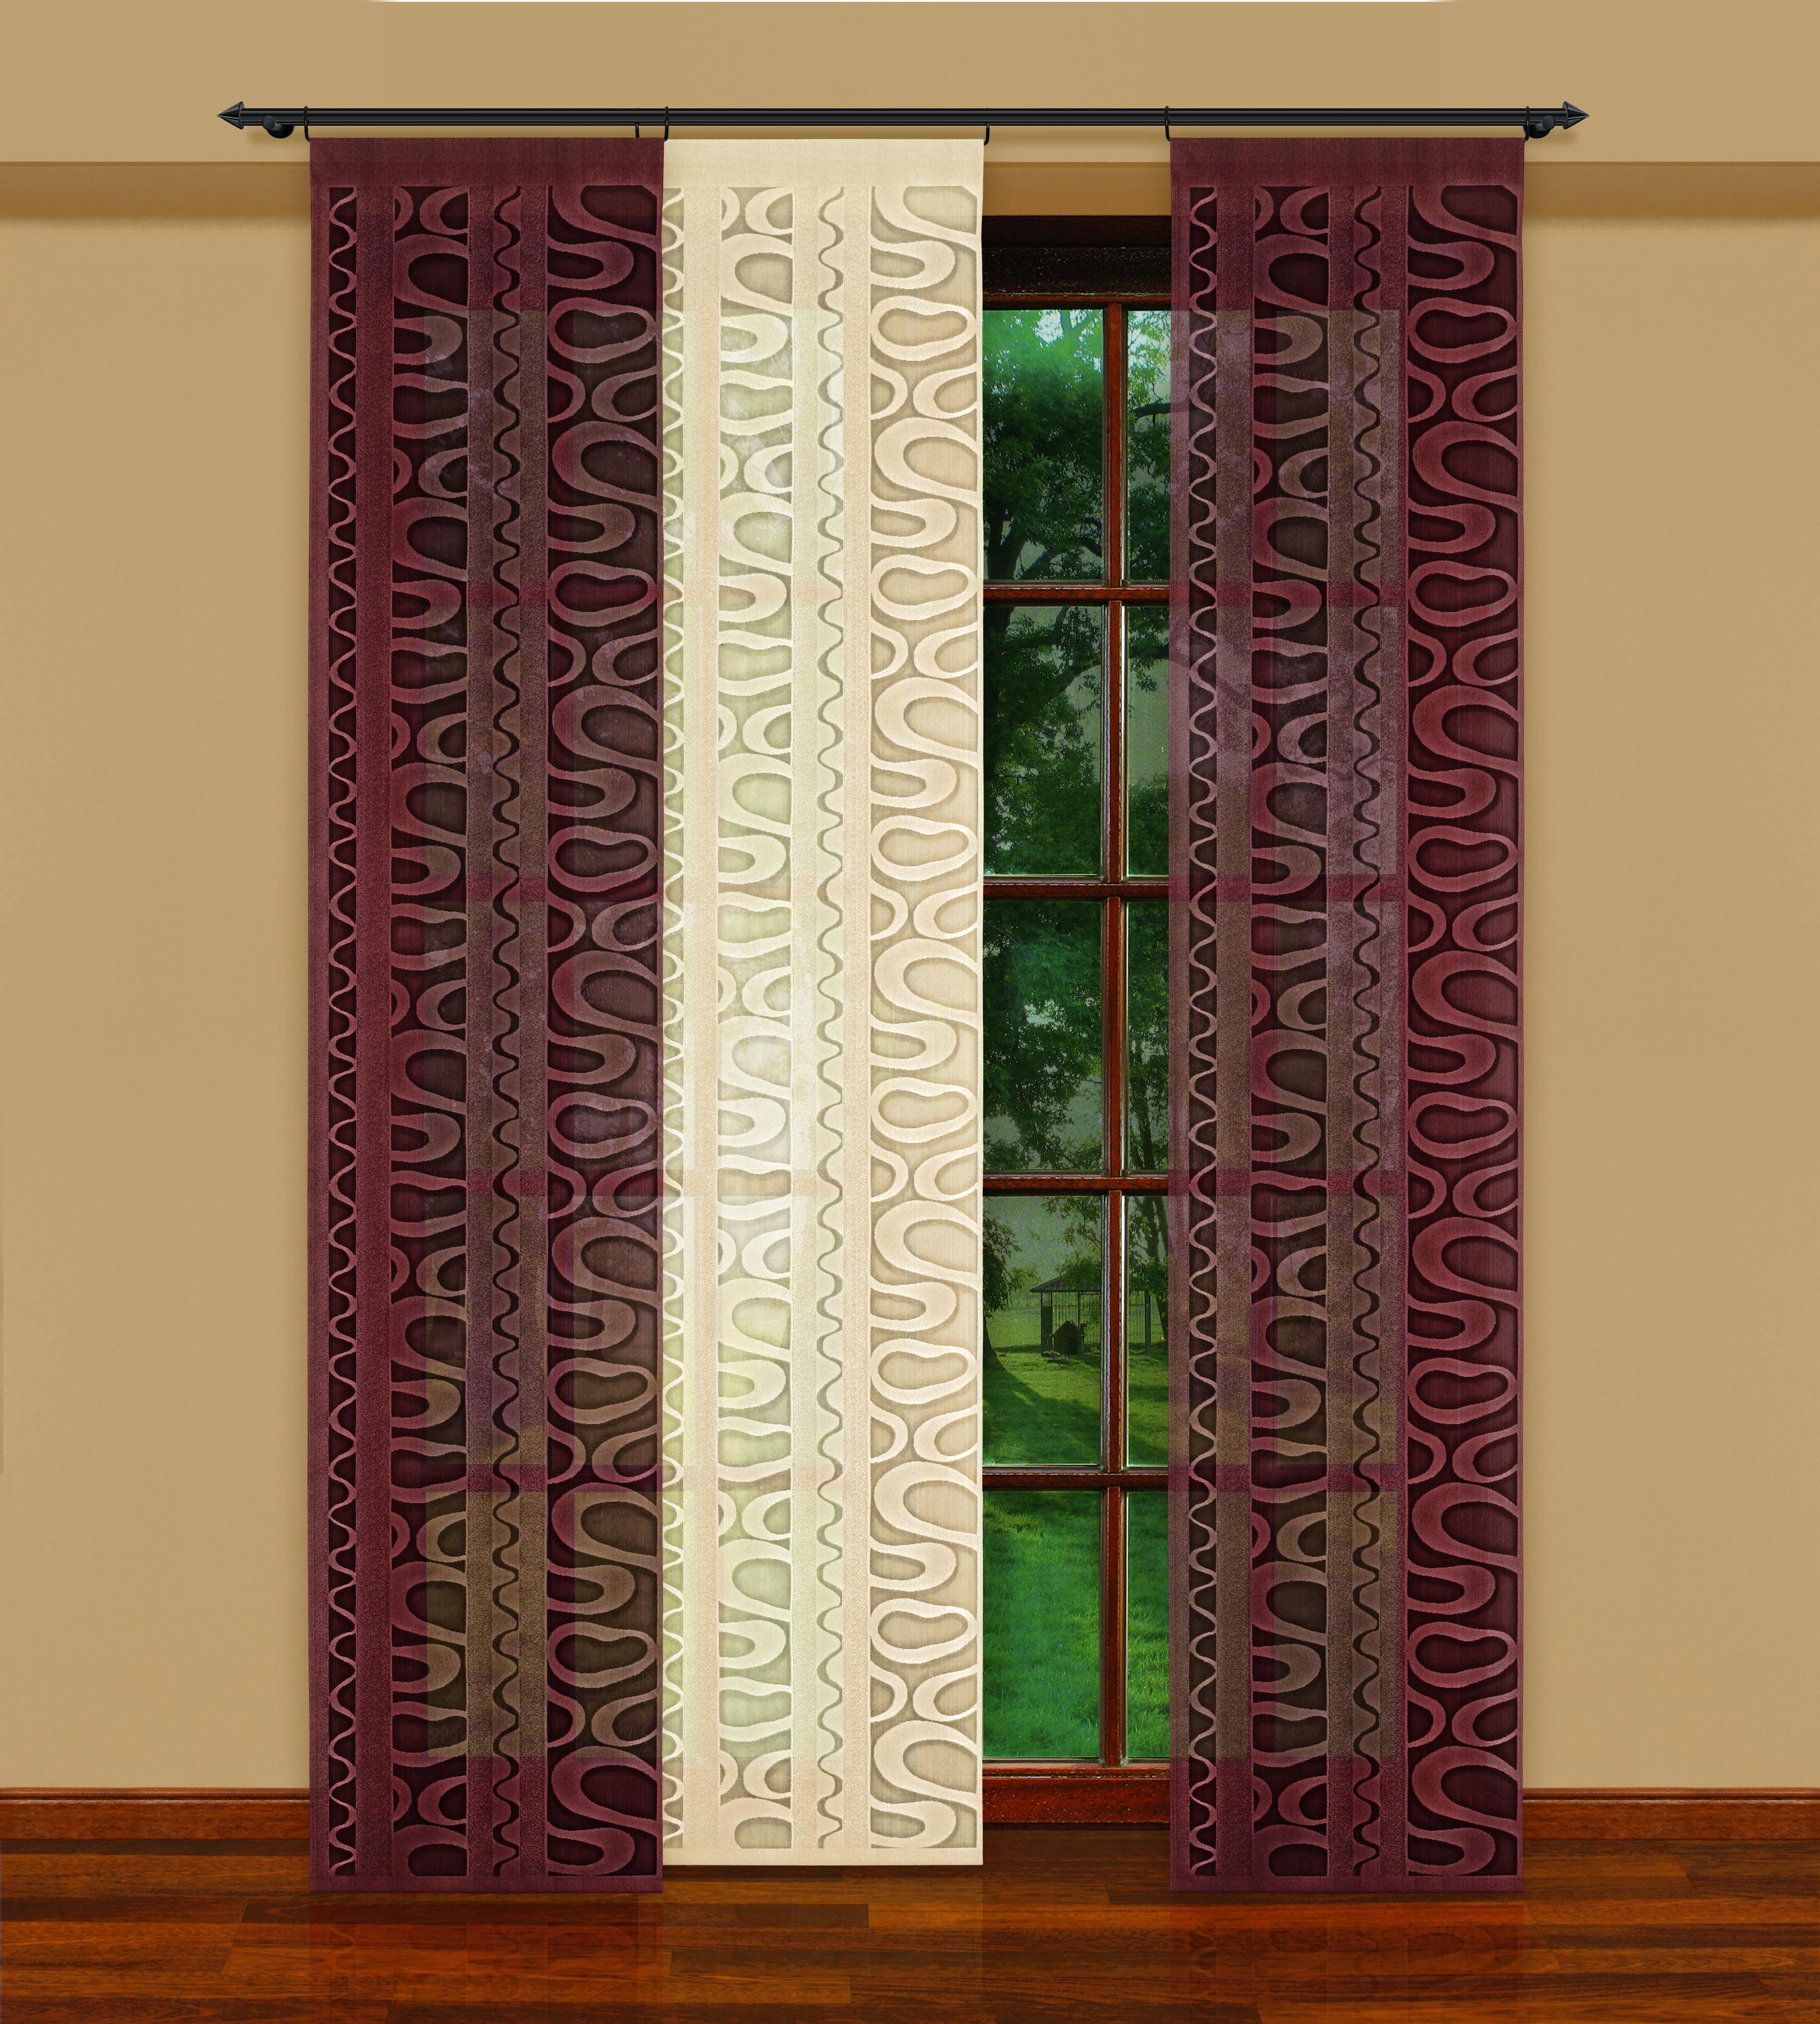 Гардина-панно HAFT 250*50. 207350/50 коричневый080WГардина-панно XAFT 250*50. 207350/50 коричневыйМатериал: 100% п/э, размер: 250*50, цвет: коричневый